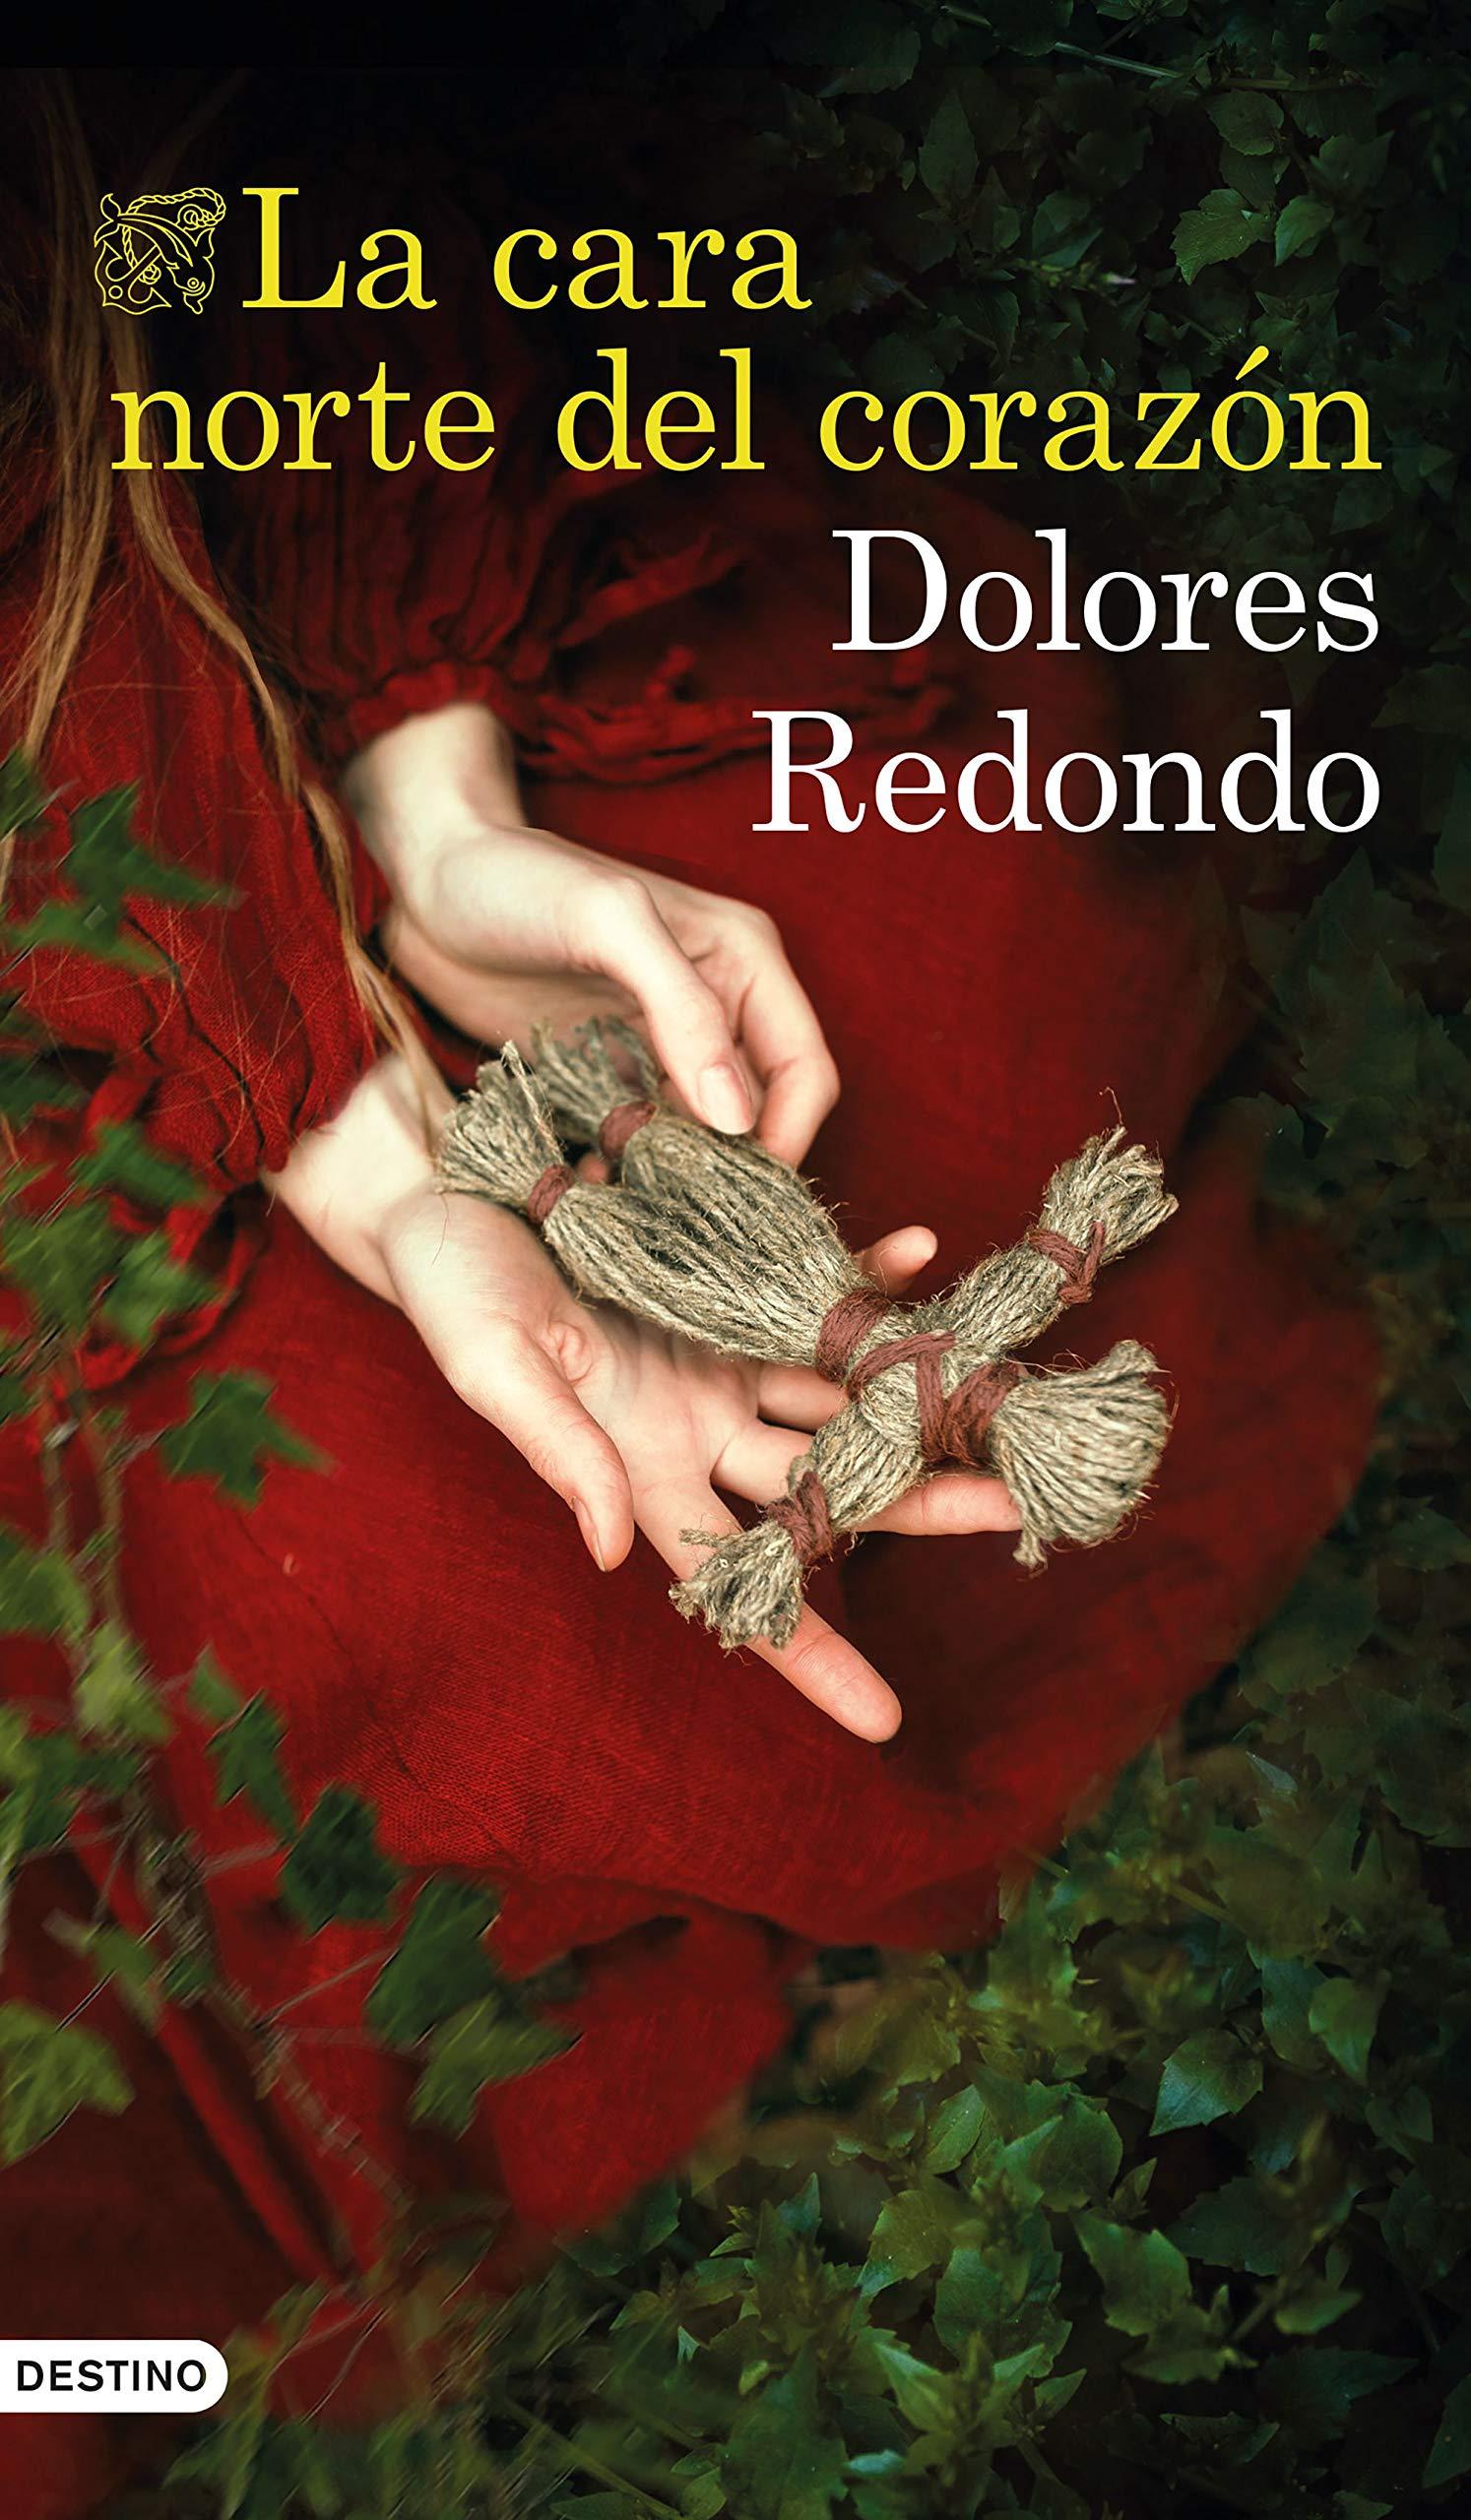 Dolores Redondo nos enseña 'La cara norte del corazón'